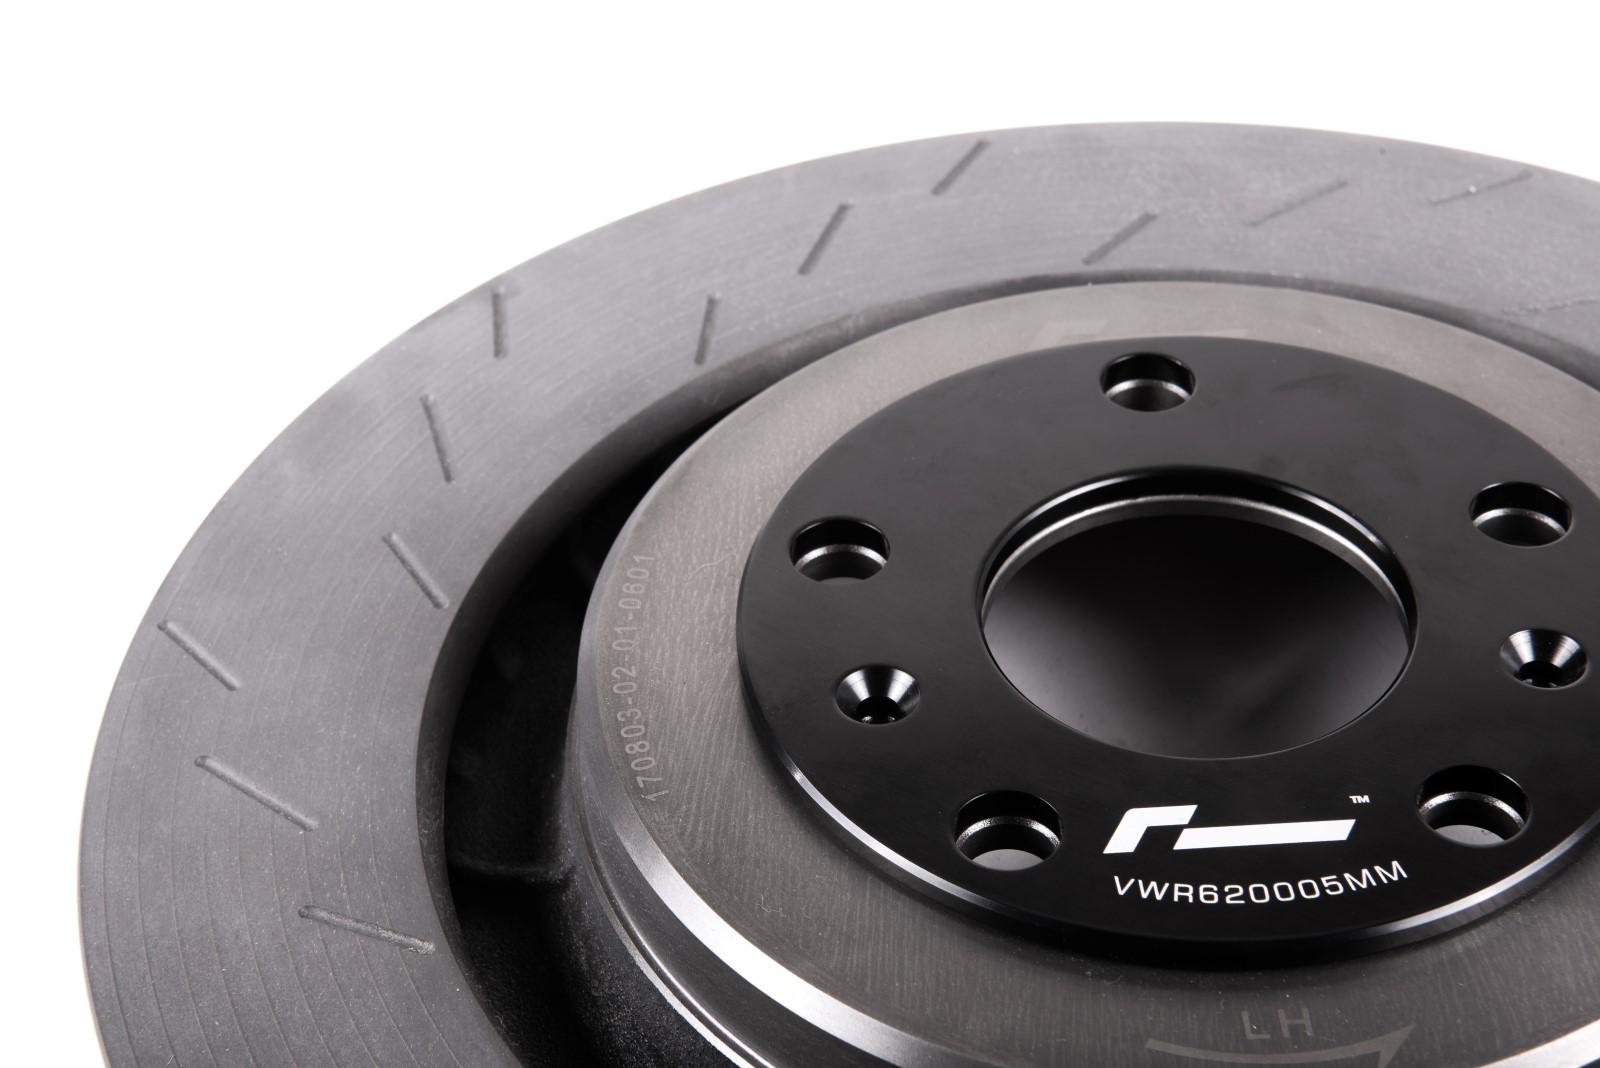 Racingline Hub Adaptor 5MM 5x112mm VWR620005MM